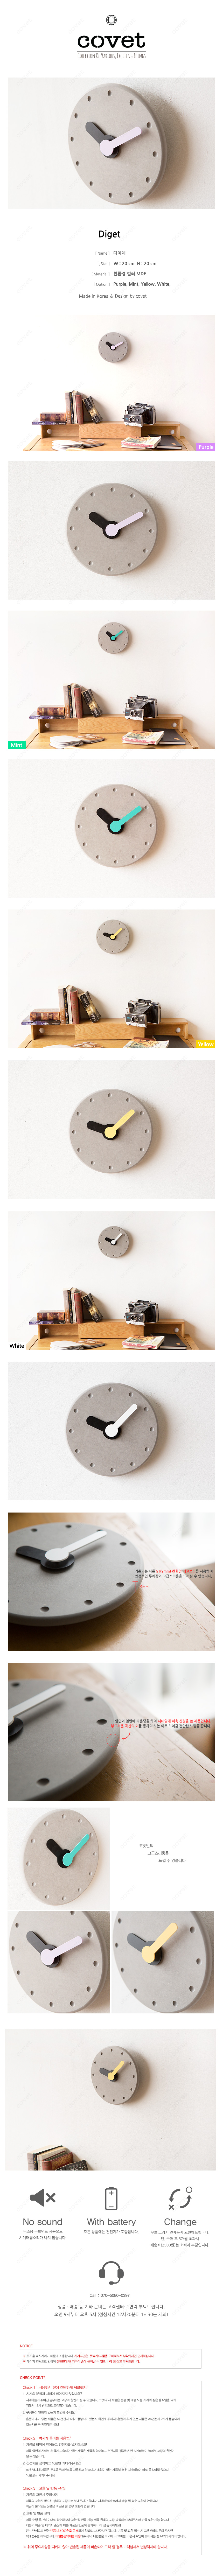 다이제((Diget) 무소음 벽시계 (No-noise wall clock) - 코벳, 14,000원, 벽시계, 무소음/저소음